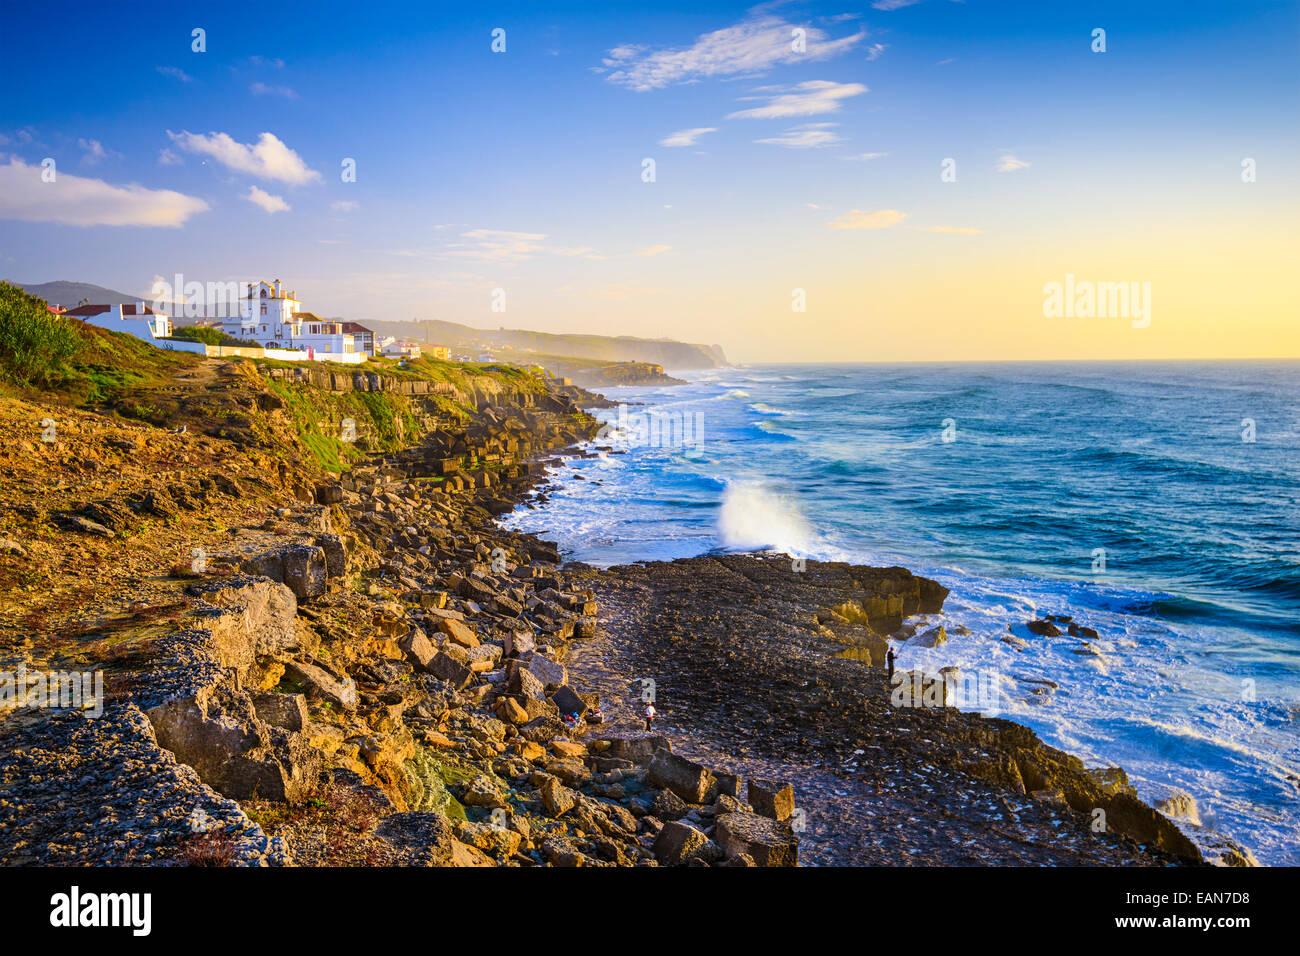 Sintra, Portugal Küste am Atlantischen Ozean. Stockbild